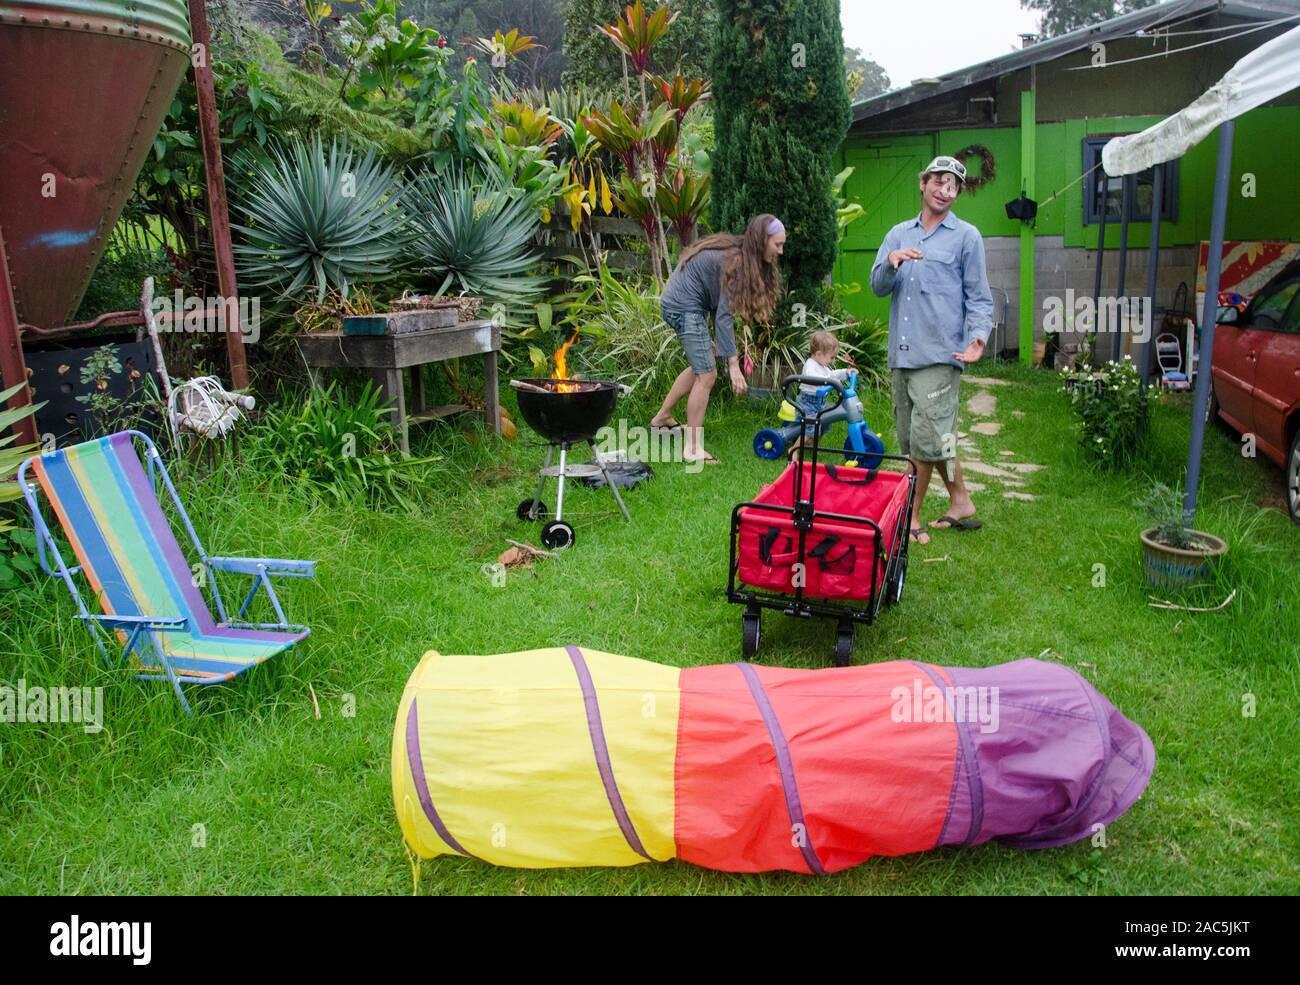 Eine junge Lokale, Mutter, Vater und Kind Sohn spielen in ihrem Garten, mit einem Grill starten und Spielzeug über, Big Island verstreut liegen. Stockfoto